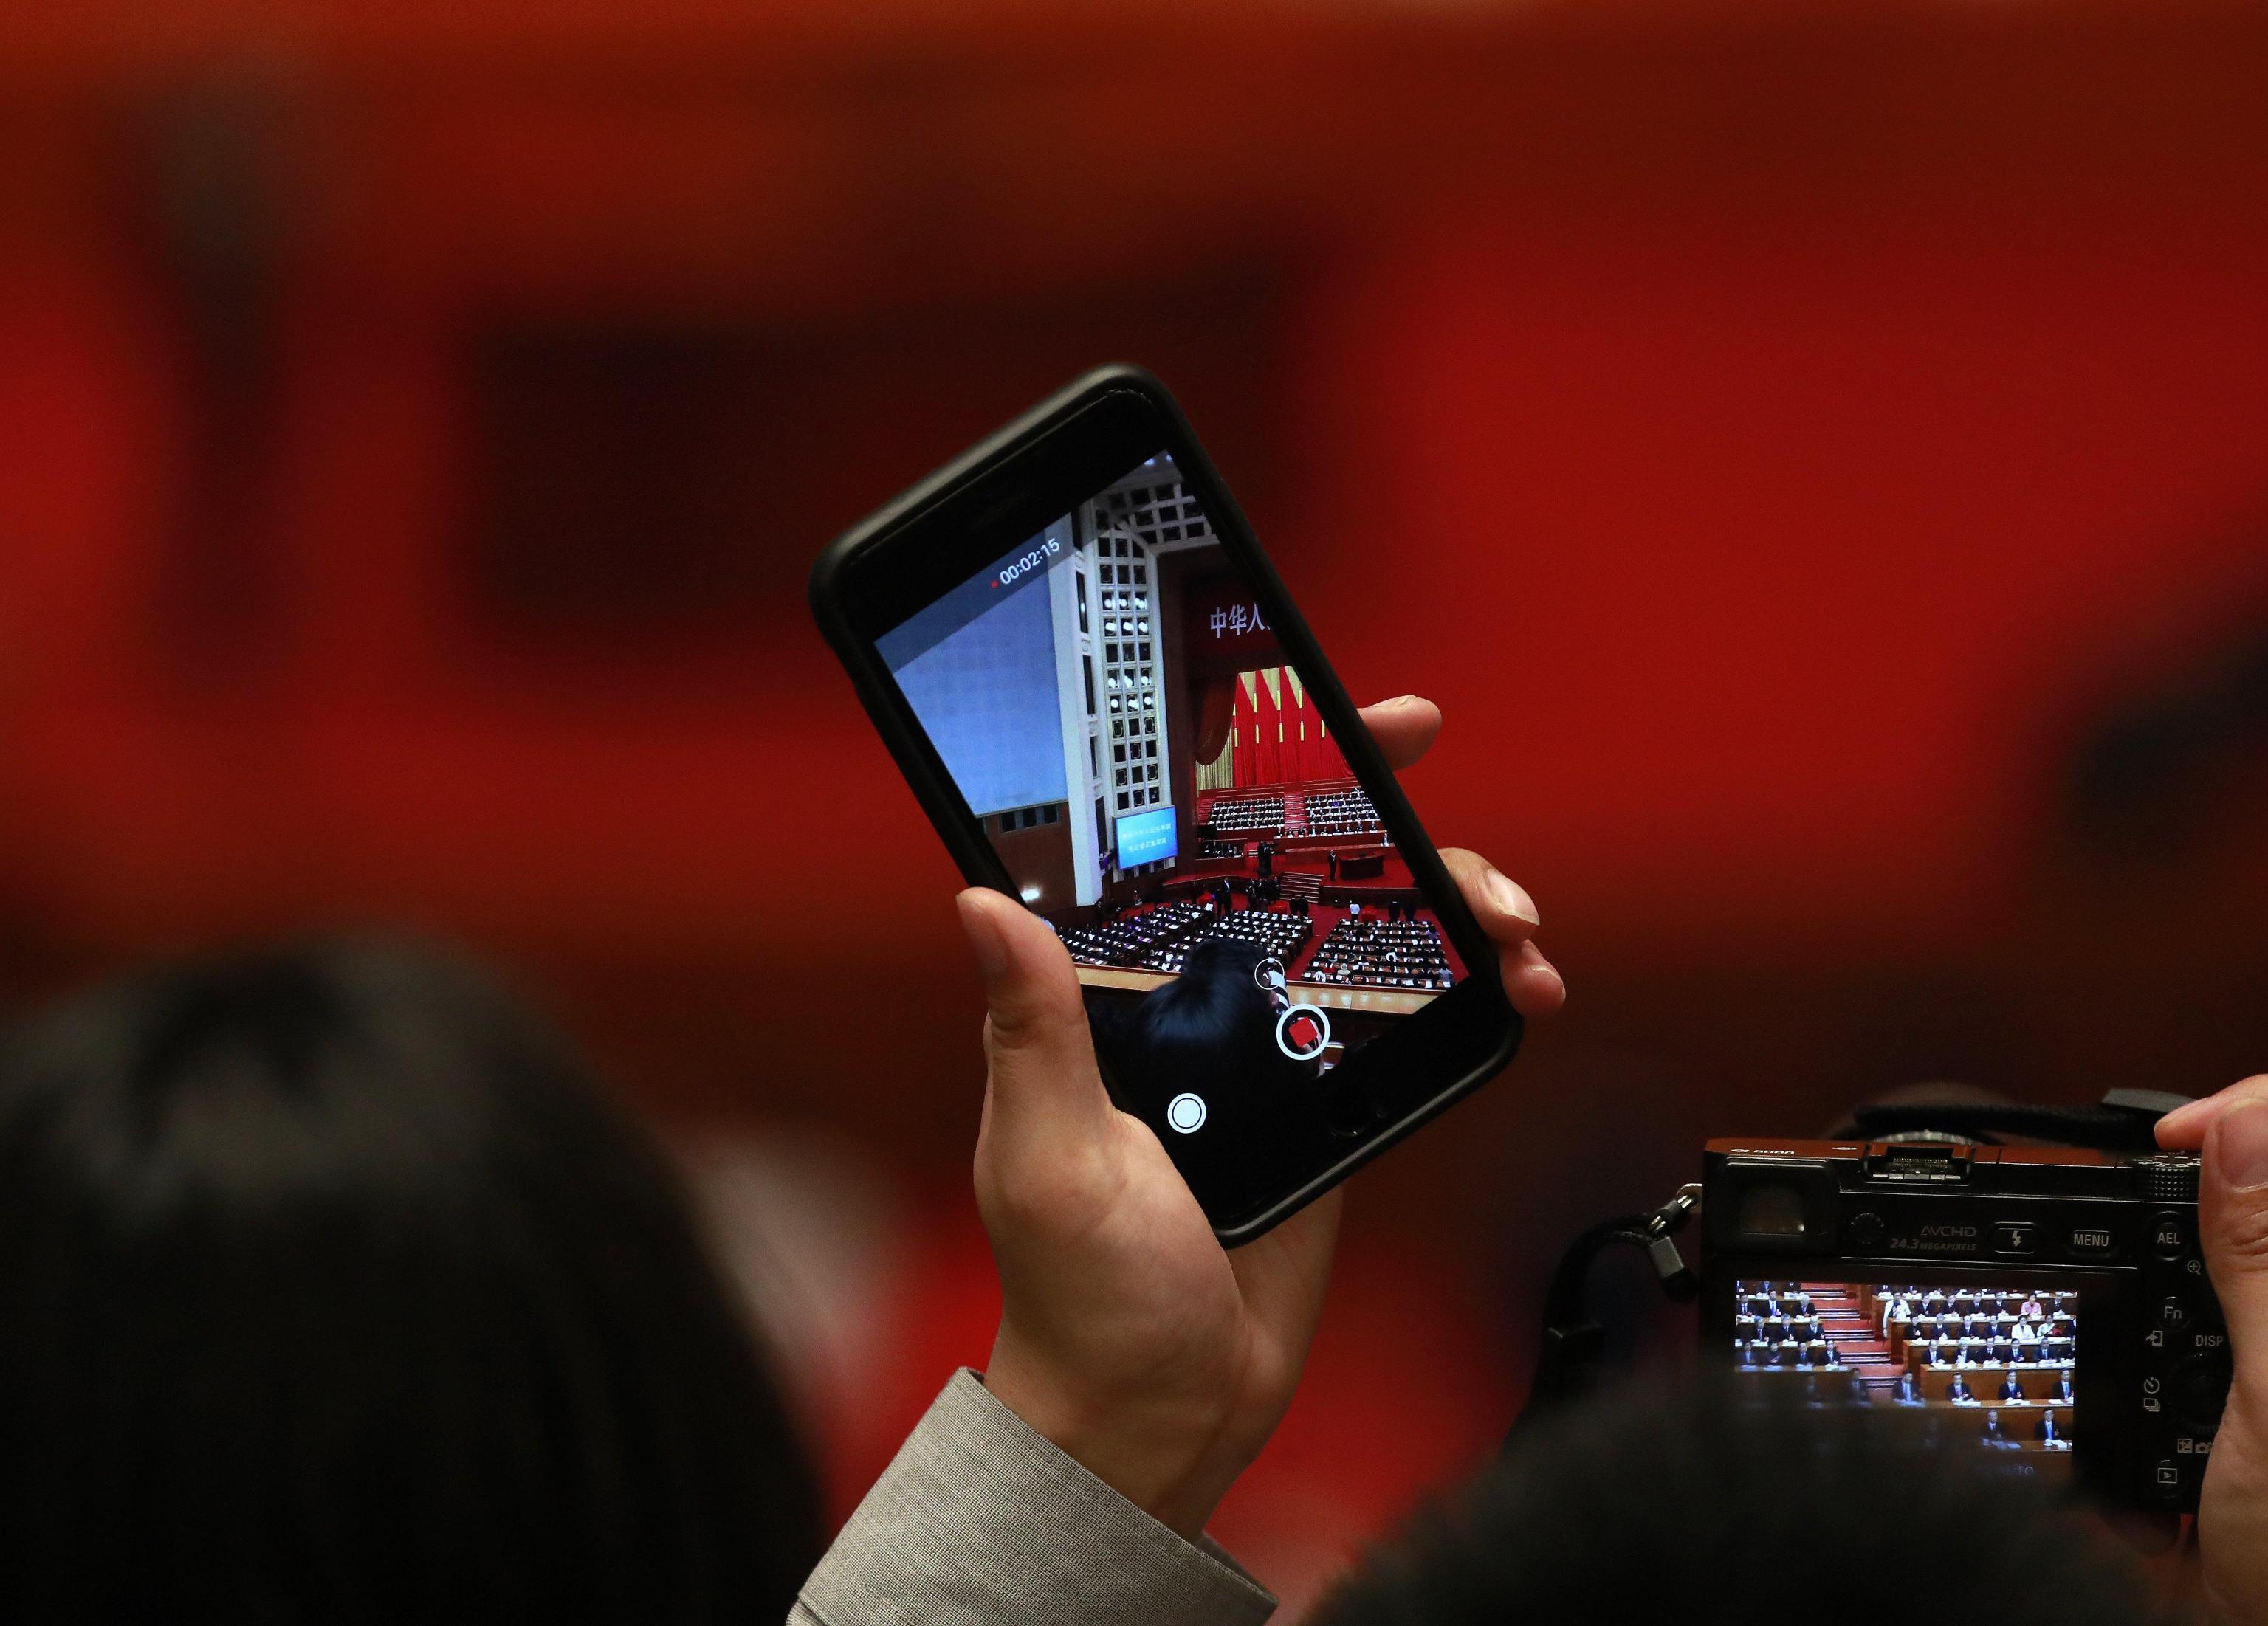 Telefoni cellulari e ripetitori causano il cancro: la conferma da uno studio iniziato nel 2005